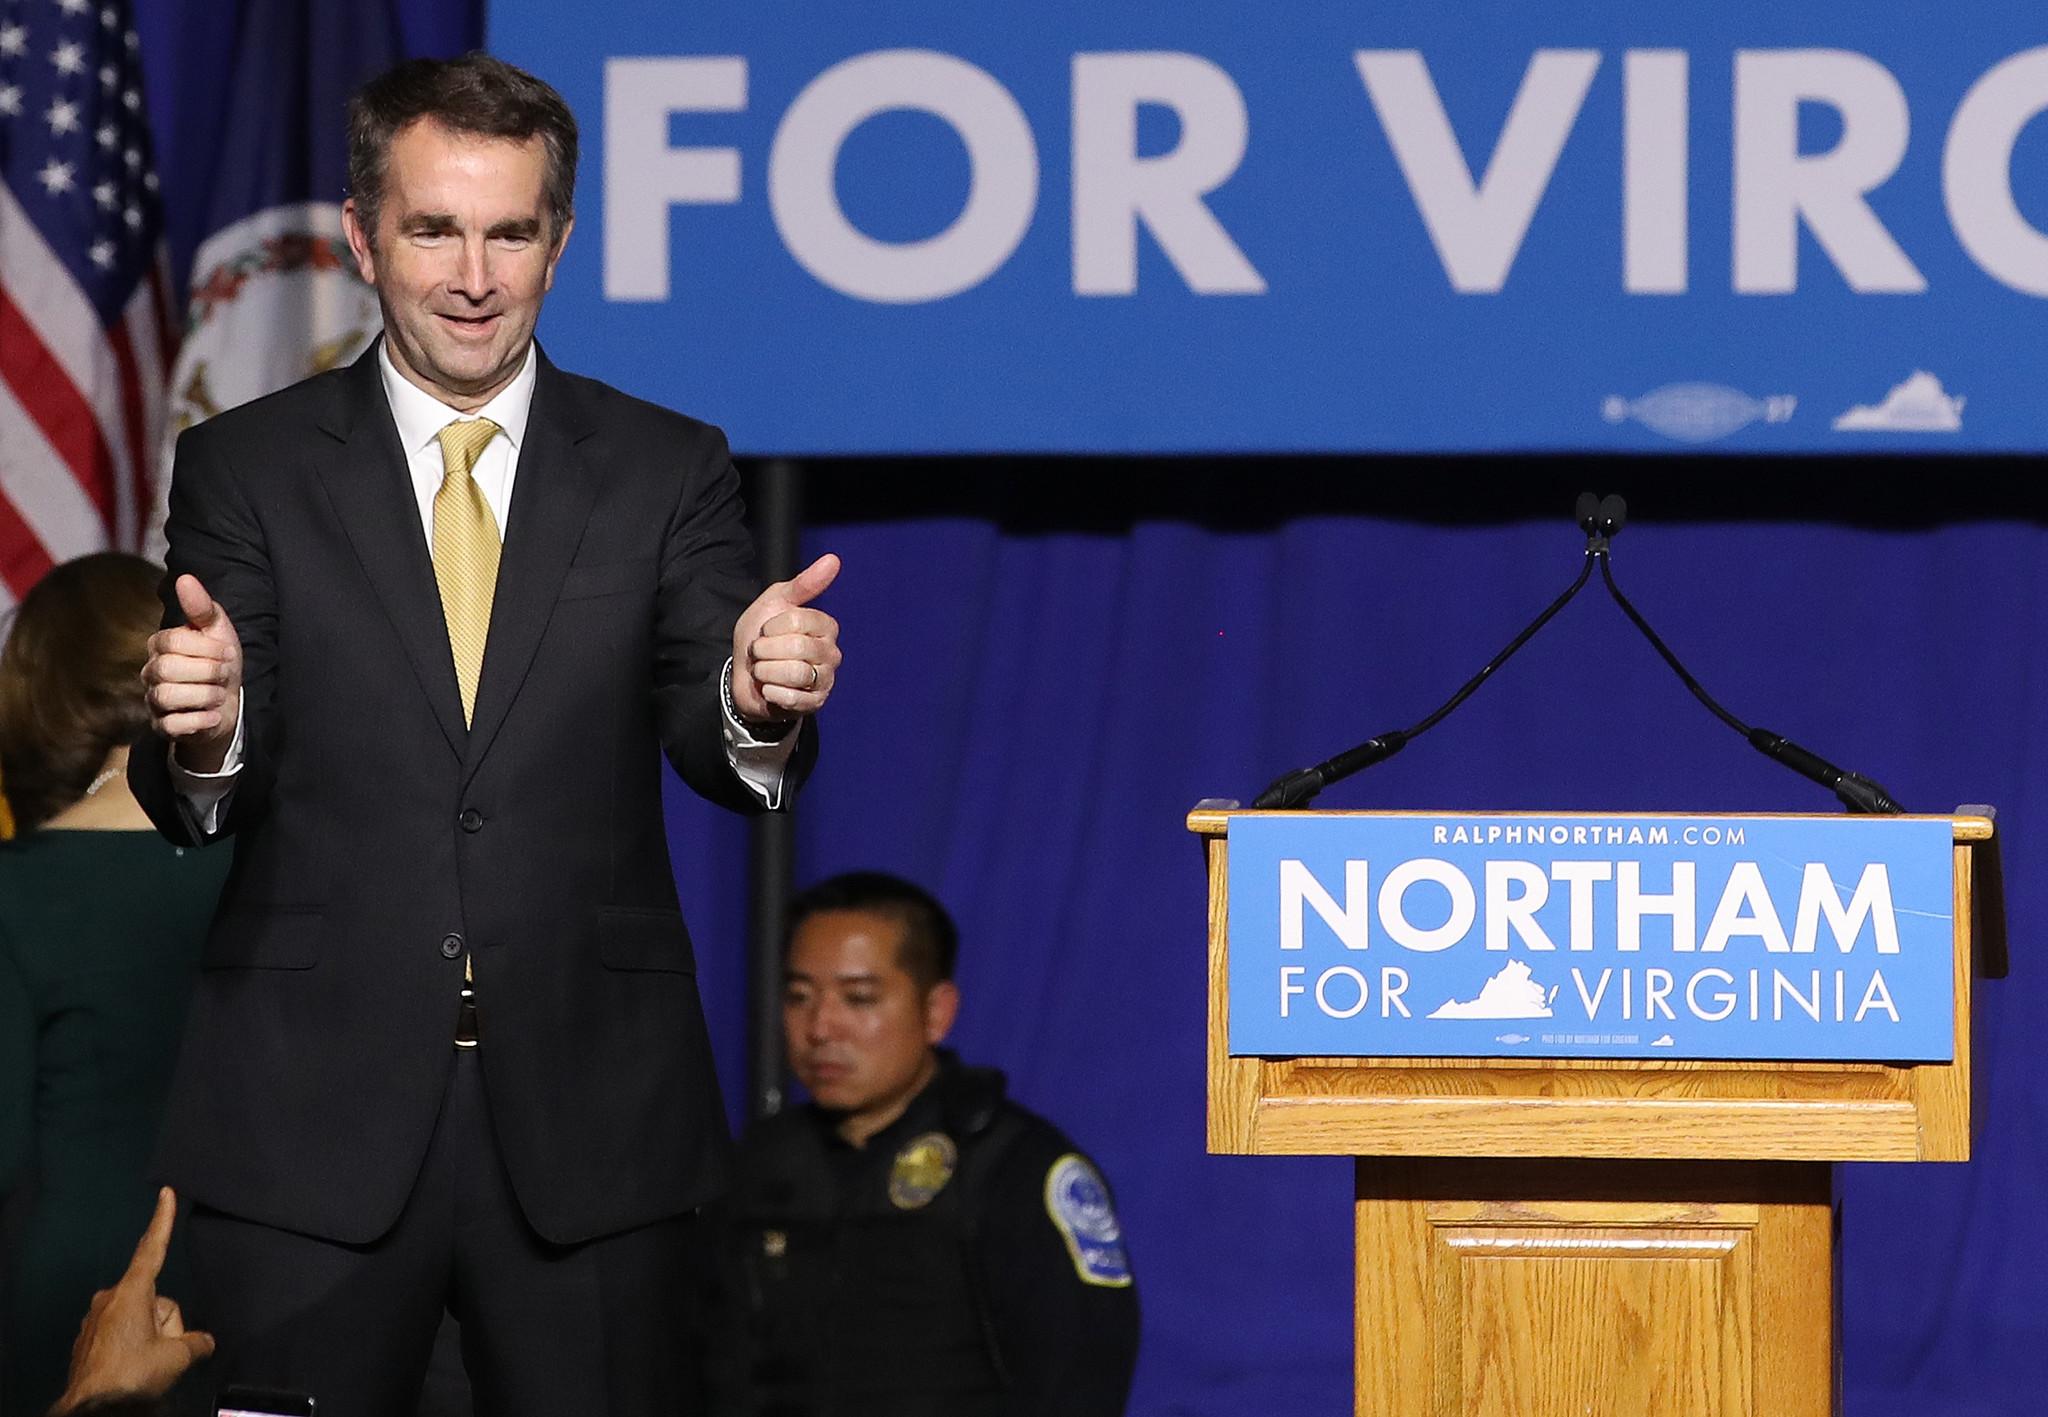 Ralph Northam, gobernador de Virginia número 73 desde enero, médico, y veterano político estadunidense de filiación demócrata. Foto: www.chicagotribune.com.